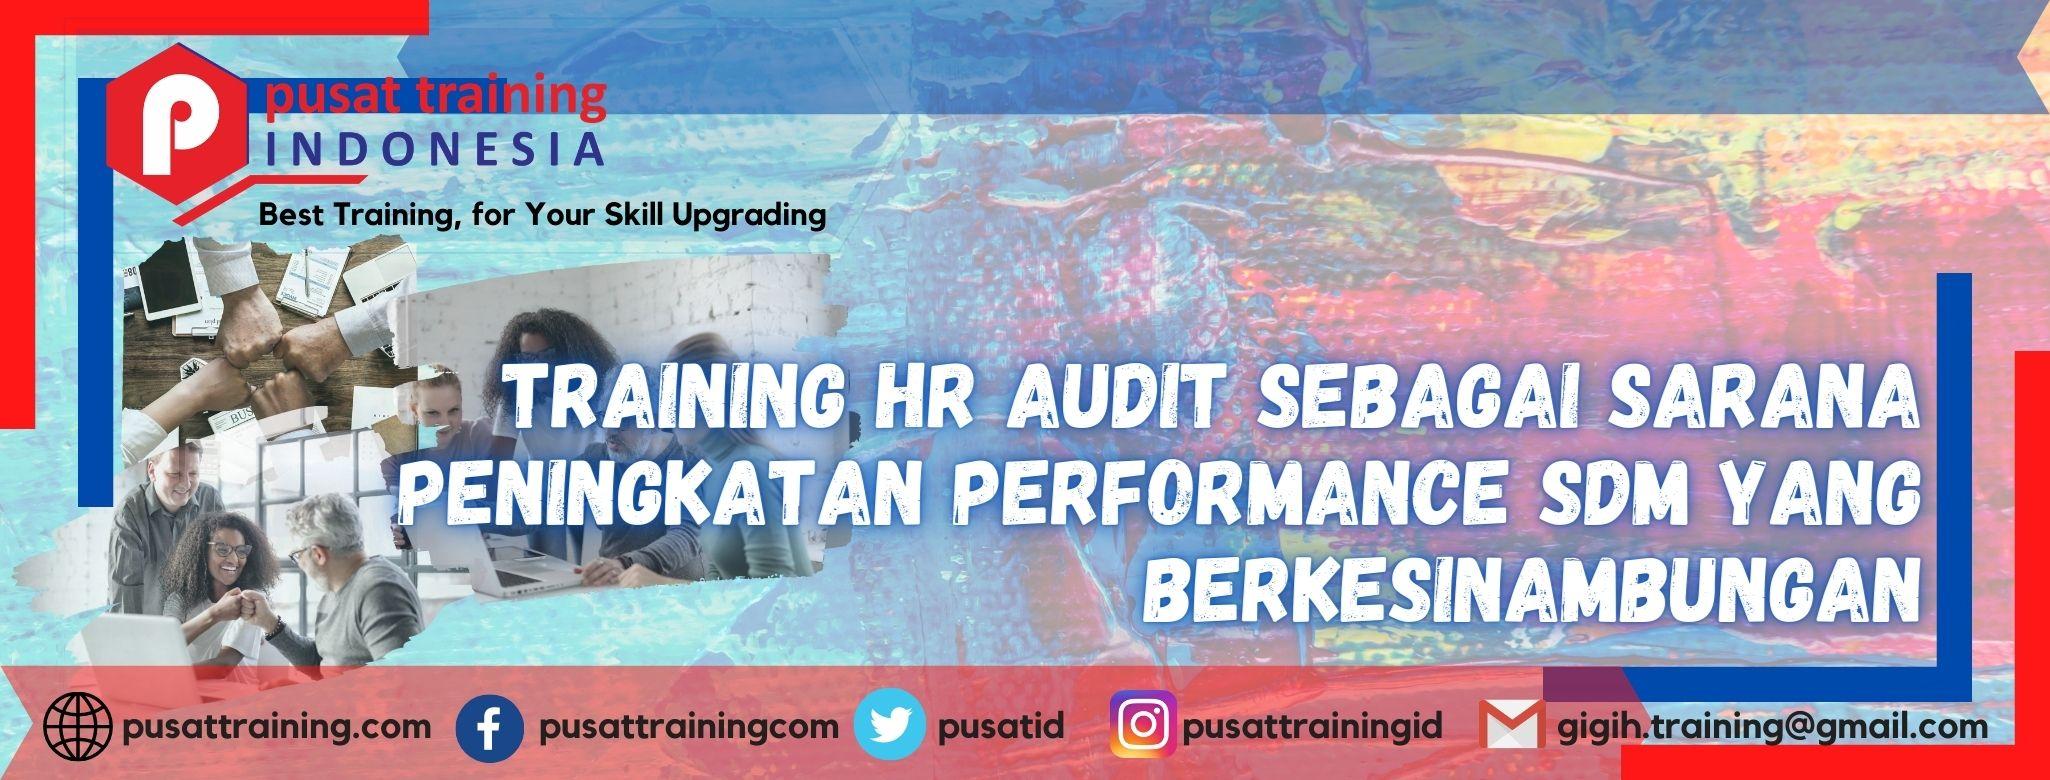 training-hr-audit-sebagai-sarana-peningkatan-performance-sdm-yang-berkesinambungan